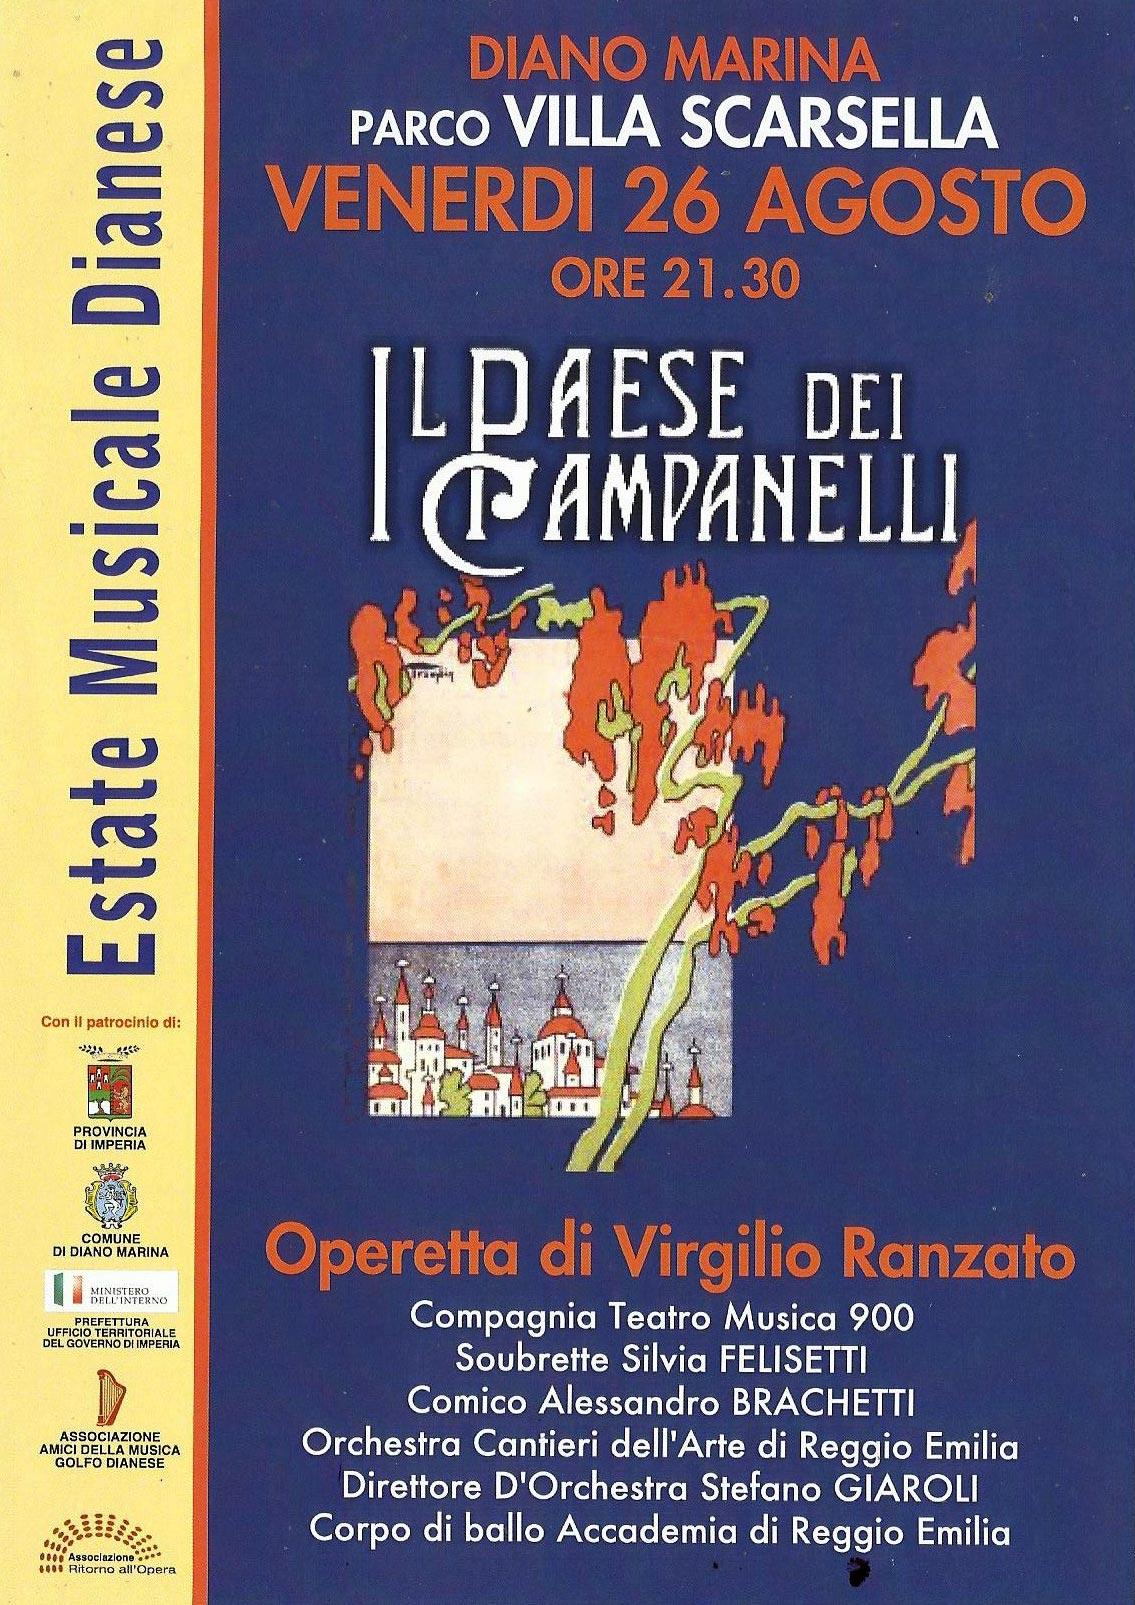 Il-Paese-dei-Campanelli-diano-marina-2016